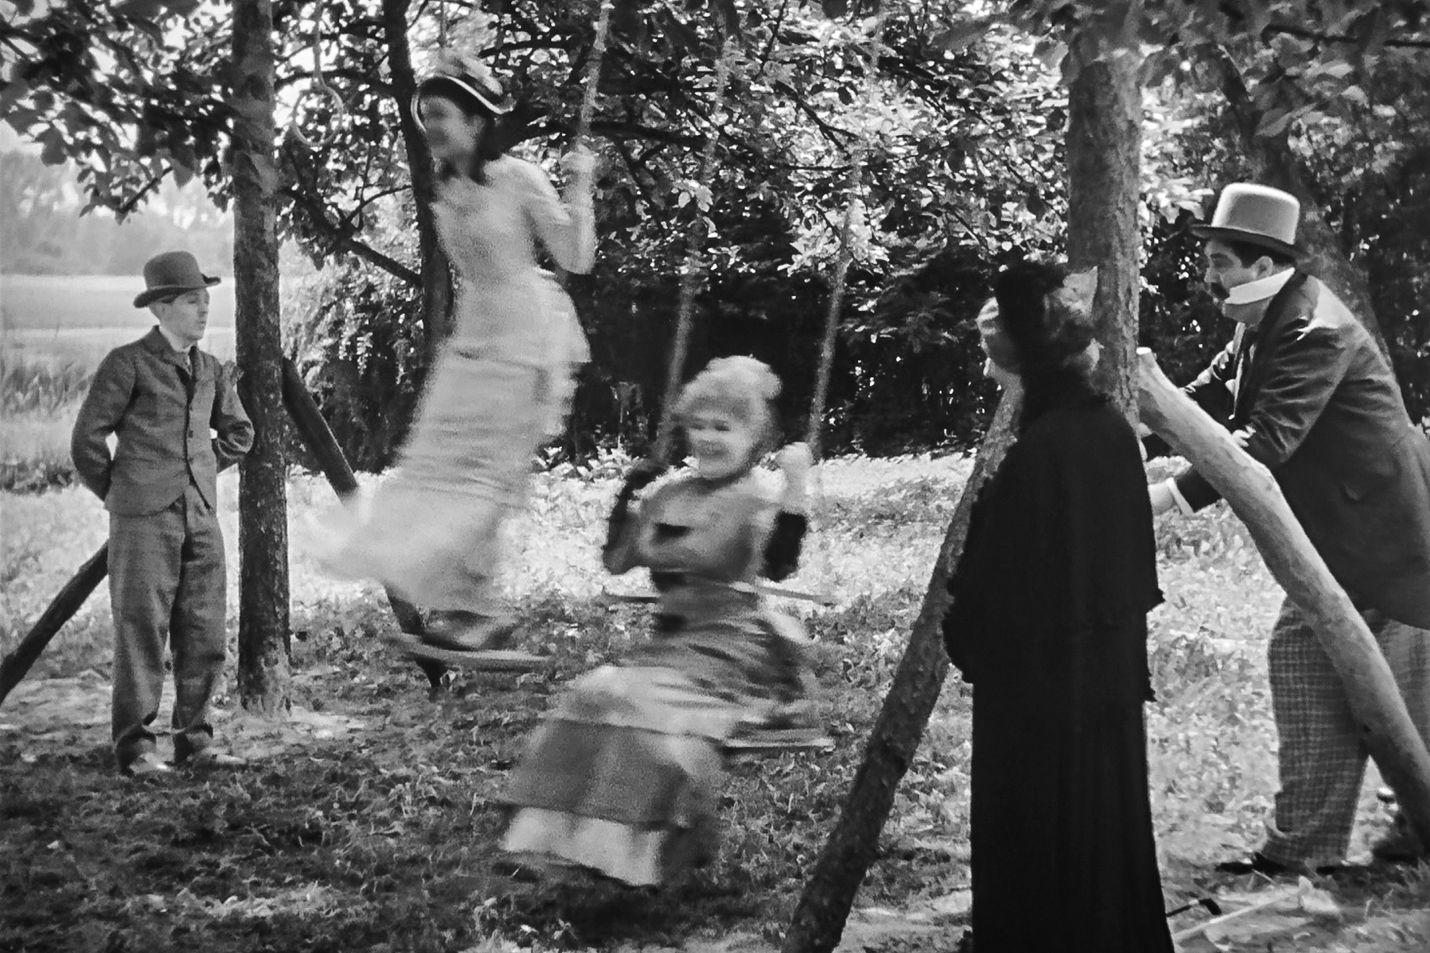 Ohjaaja Jean Renoirin lyhyeksi jäänyt mestariteos on kertomus päivän mittaisesta rakkaustarinasta, joka saa alkunsa pariisilaisperheen lähtiessä kesäpäivän viettoon maaseudulle.